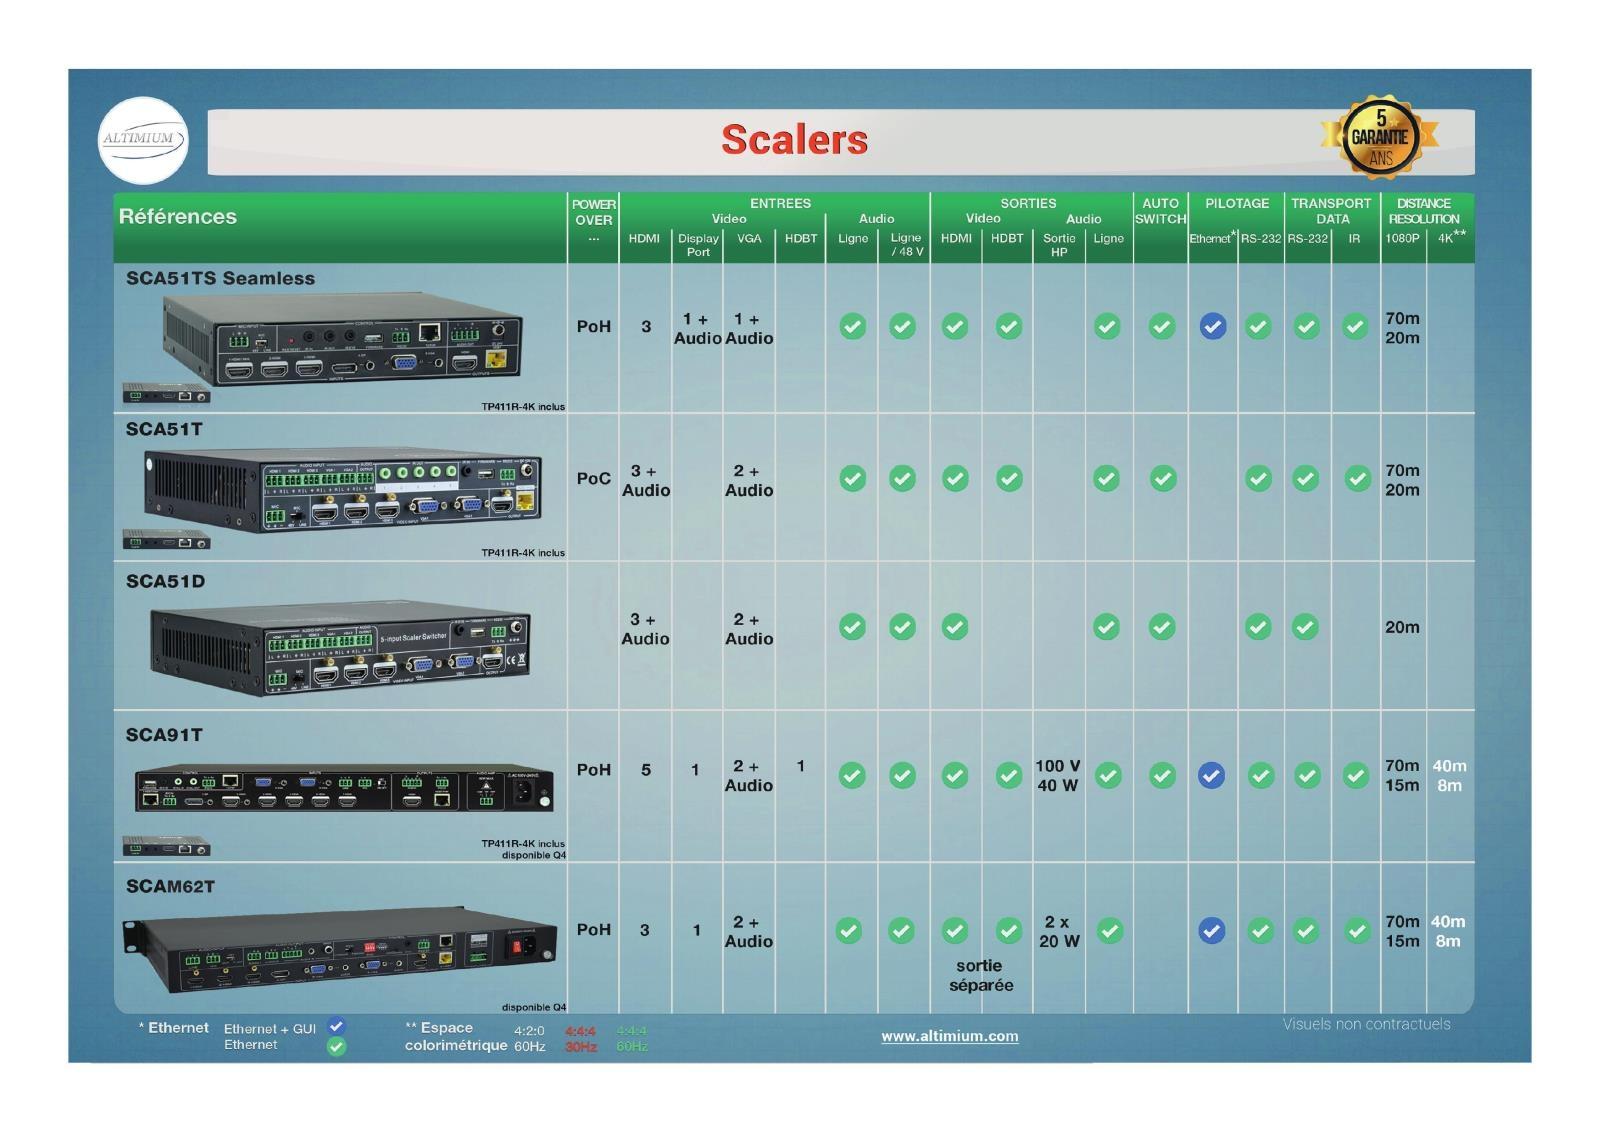 tableau comparaison Scalers